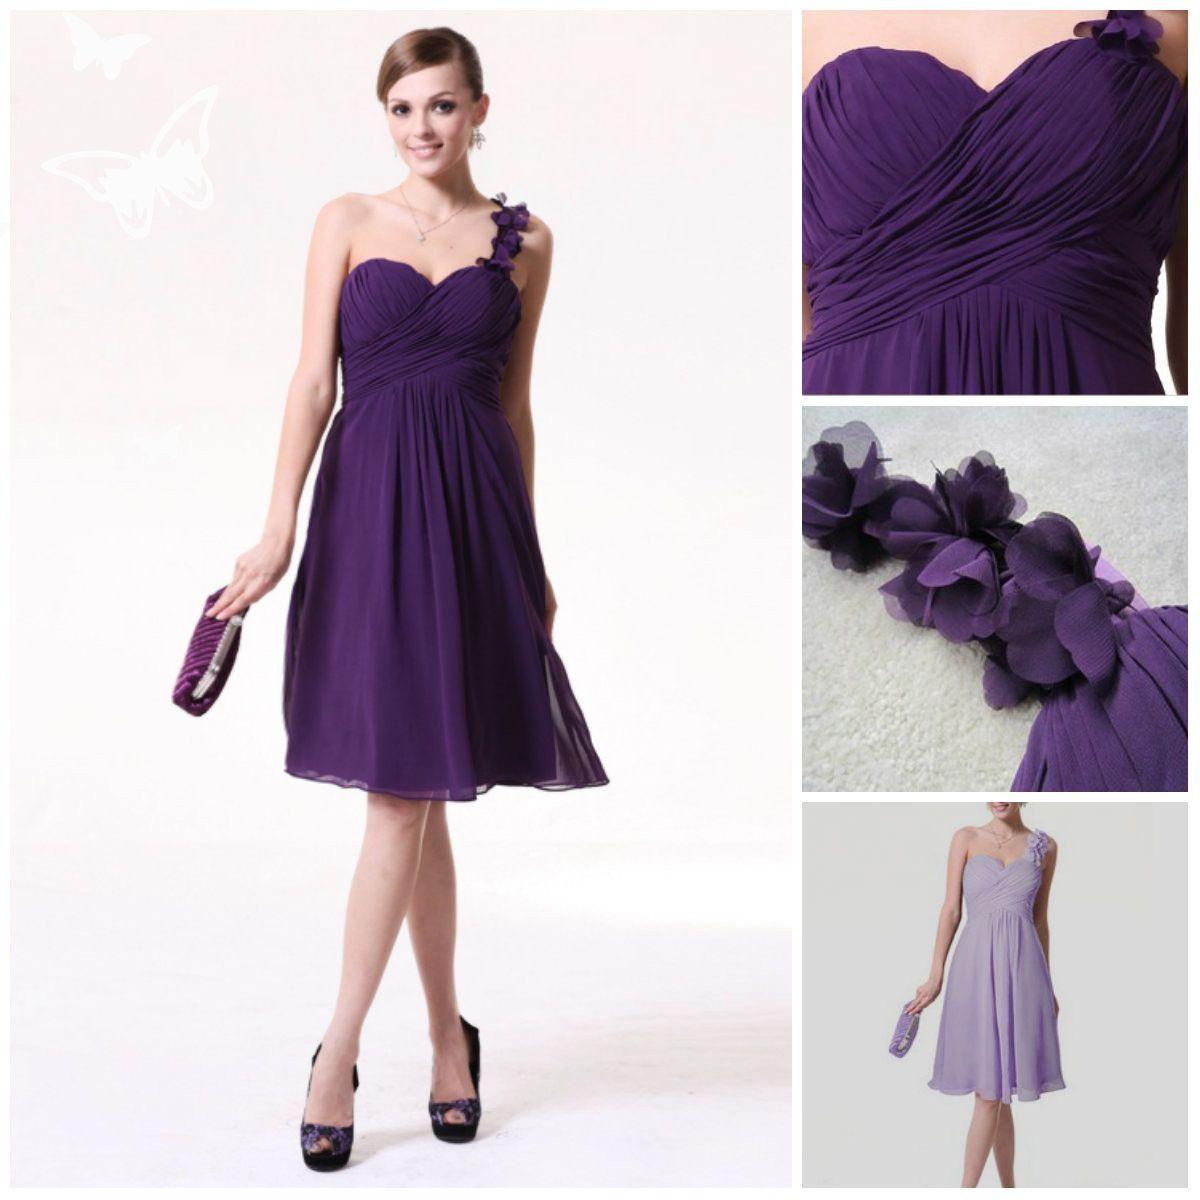 Jcpenney wedding dresses plus size  purple bridesmaid dressshort bridesmaid dressCheap bridesmaid